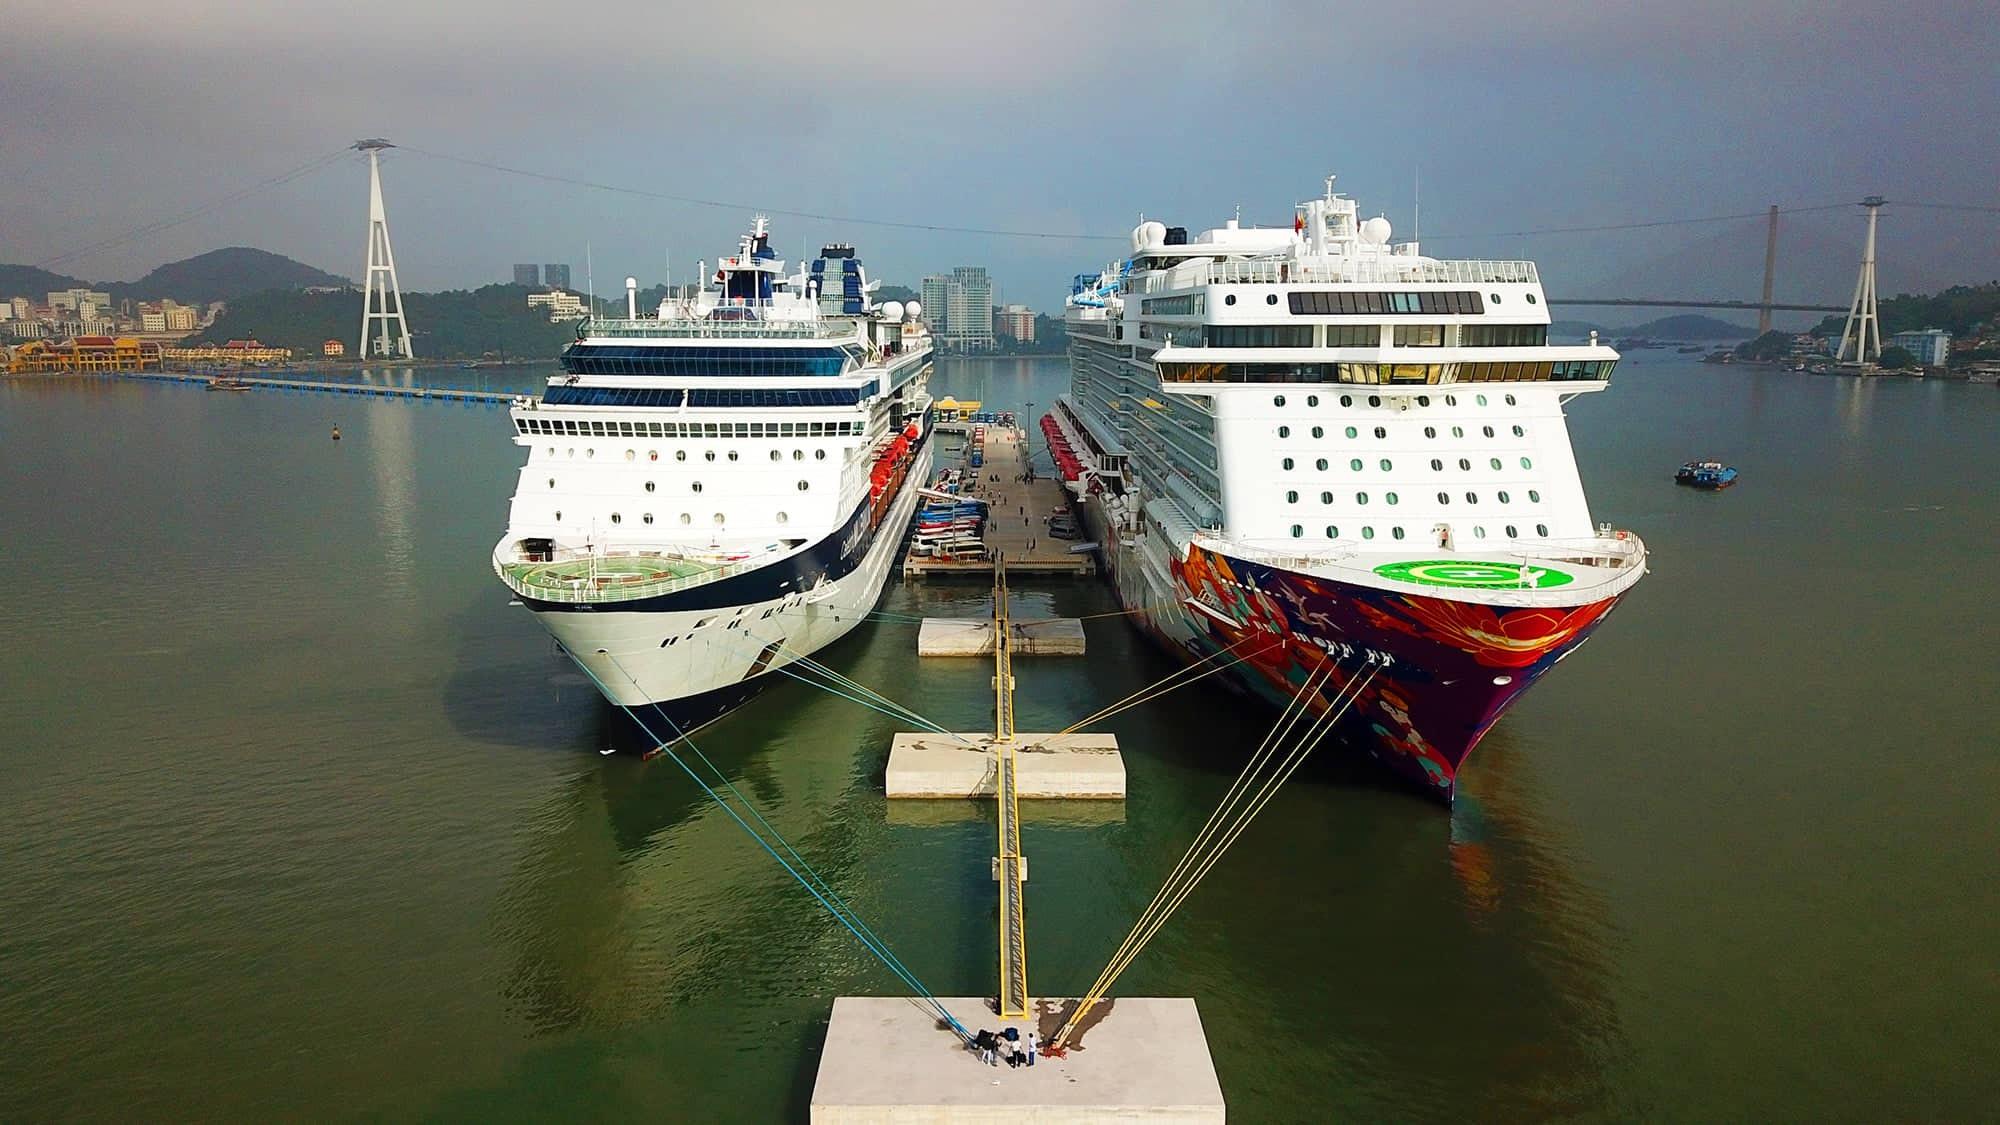 Thủ tướng nhấn nút khai trương cao tốc 12 nghìn tỉ Hạ Long- Vân Đồn và Cảng tàu khách du lịch quốc tế Hạ Long - Ảnh 5.